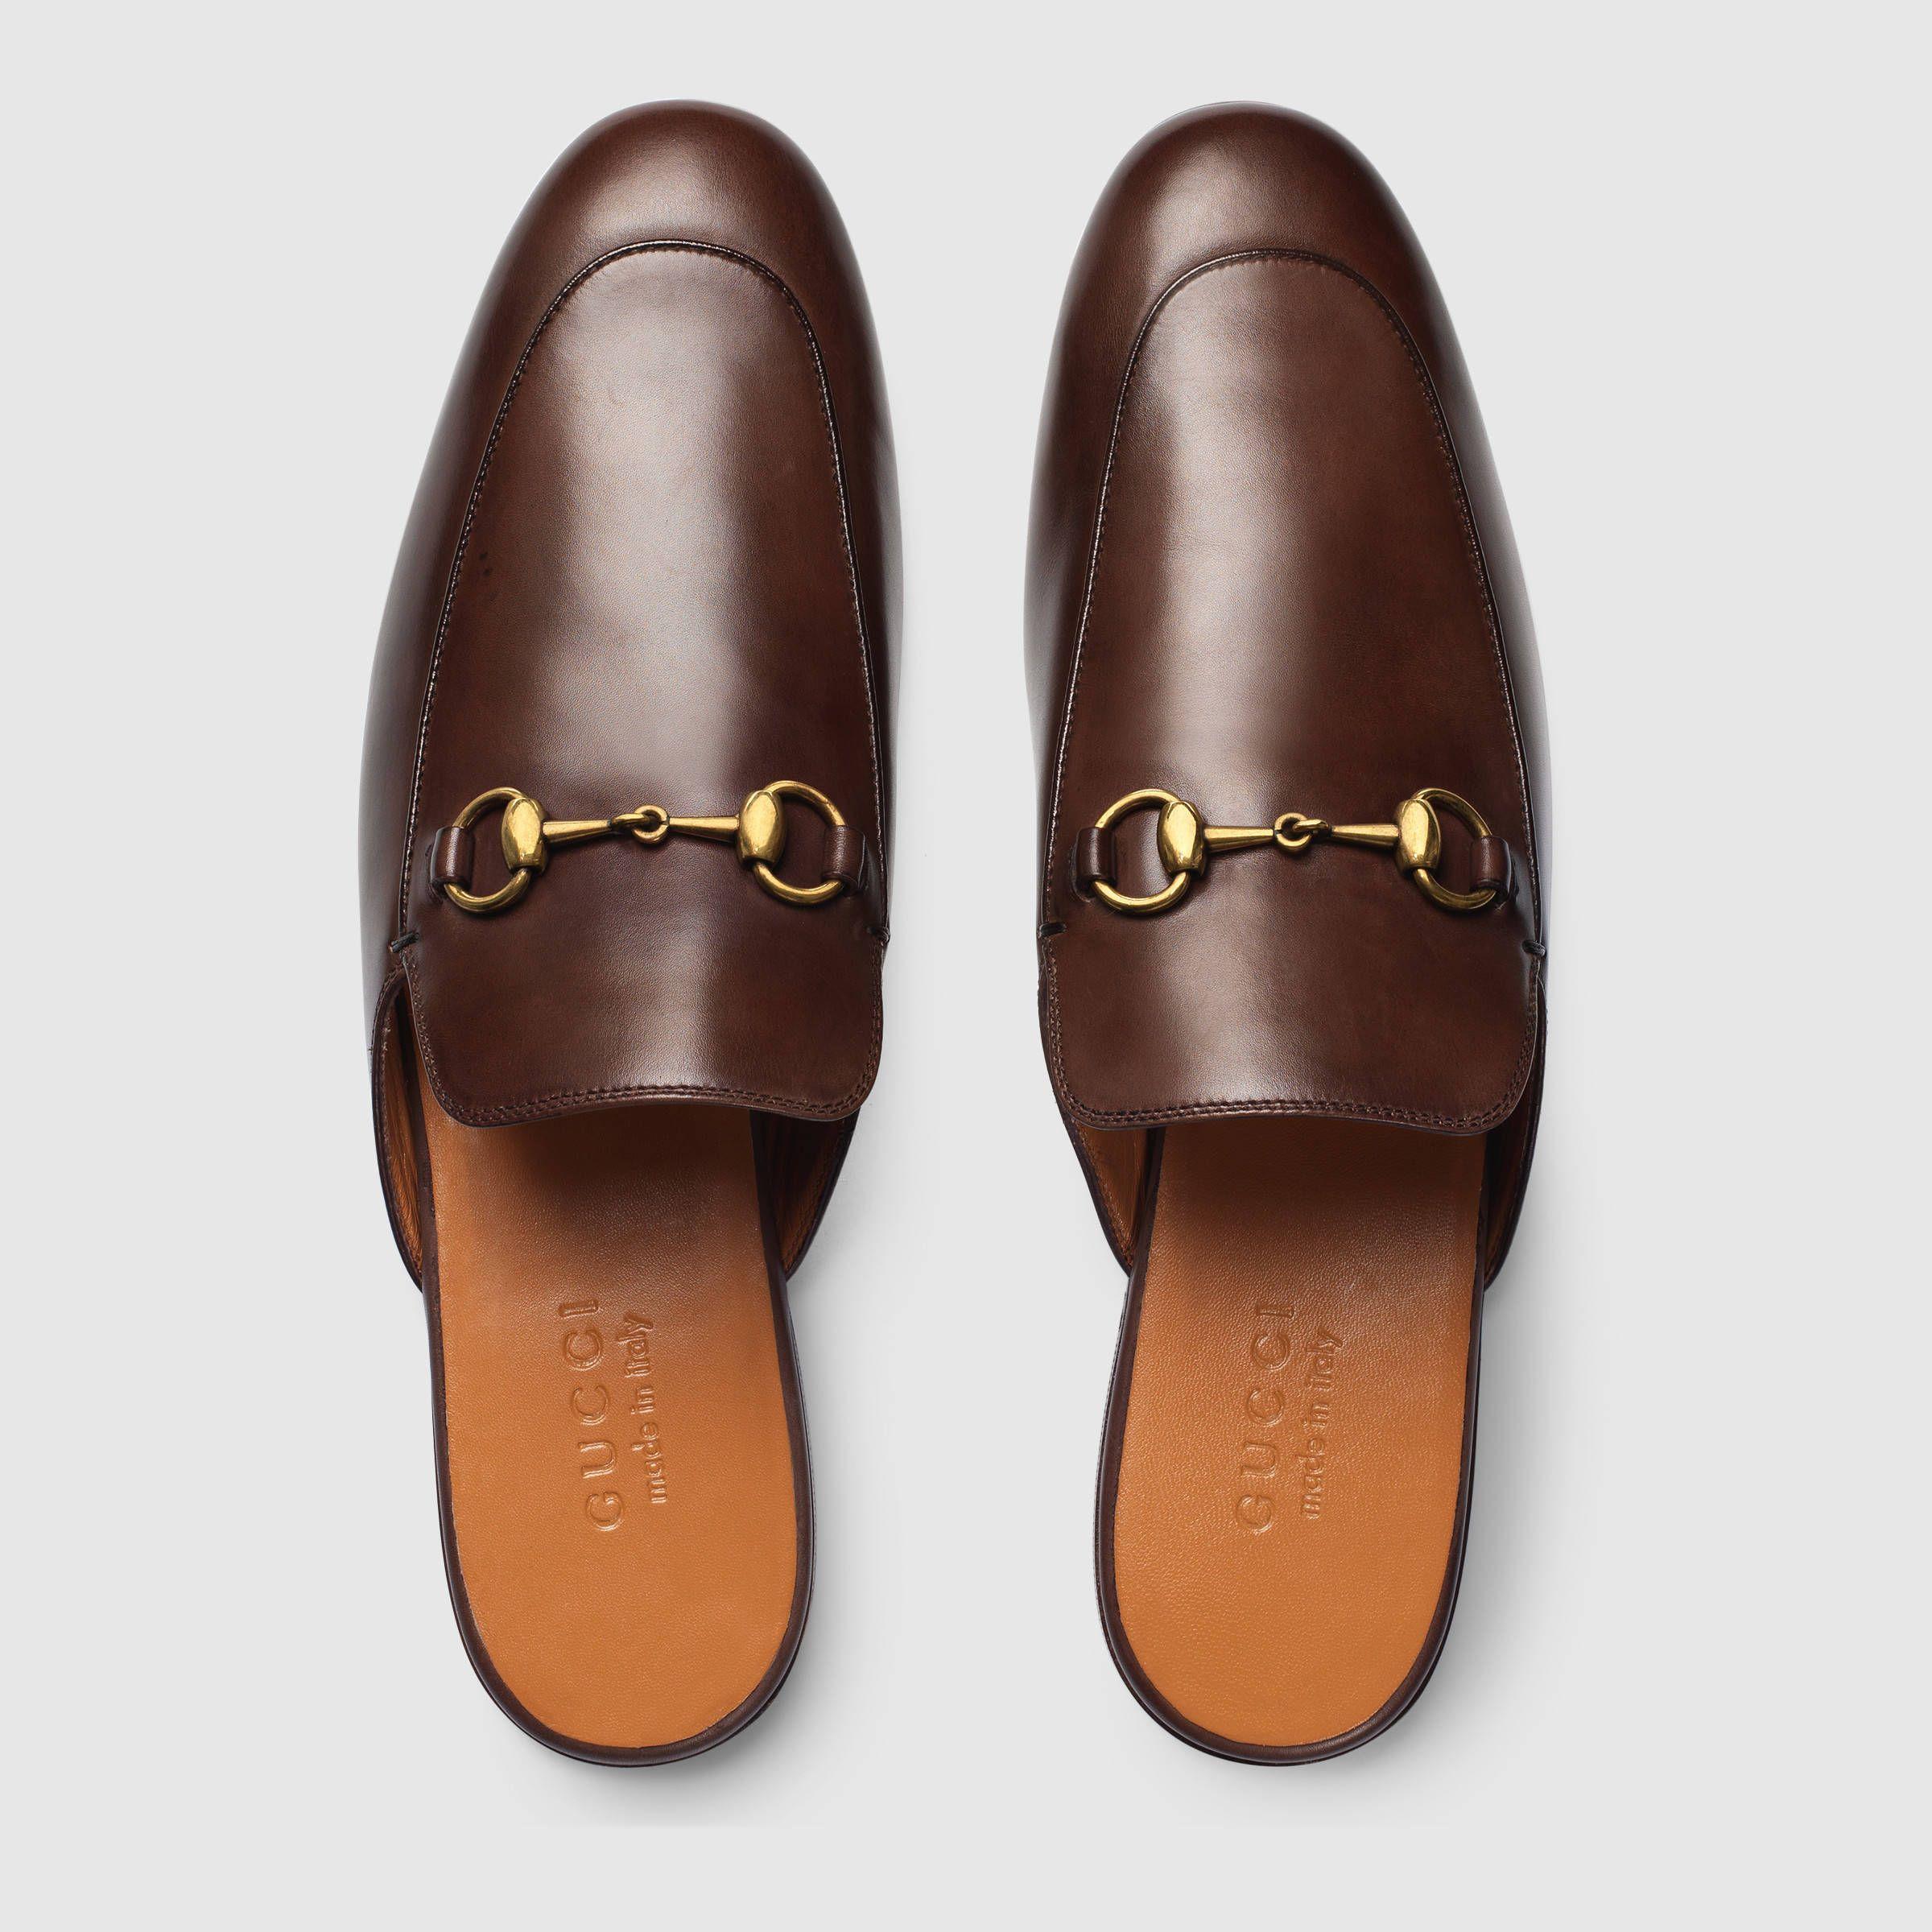 da2fc6fdf8c Gucci Leather Horsebit slipper Detail 3